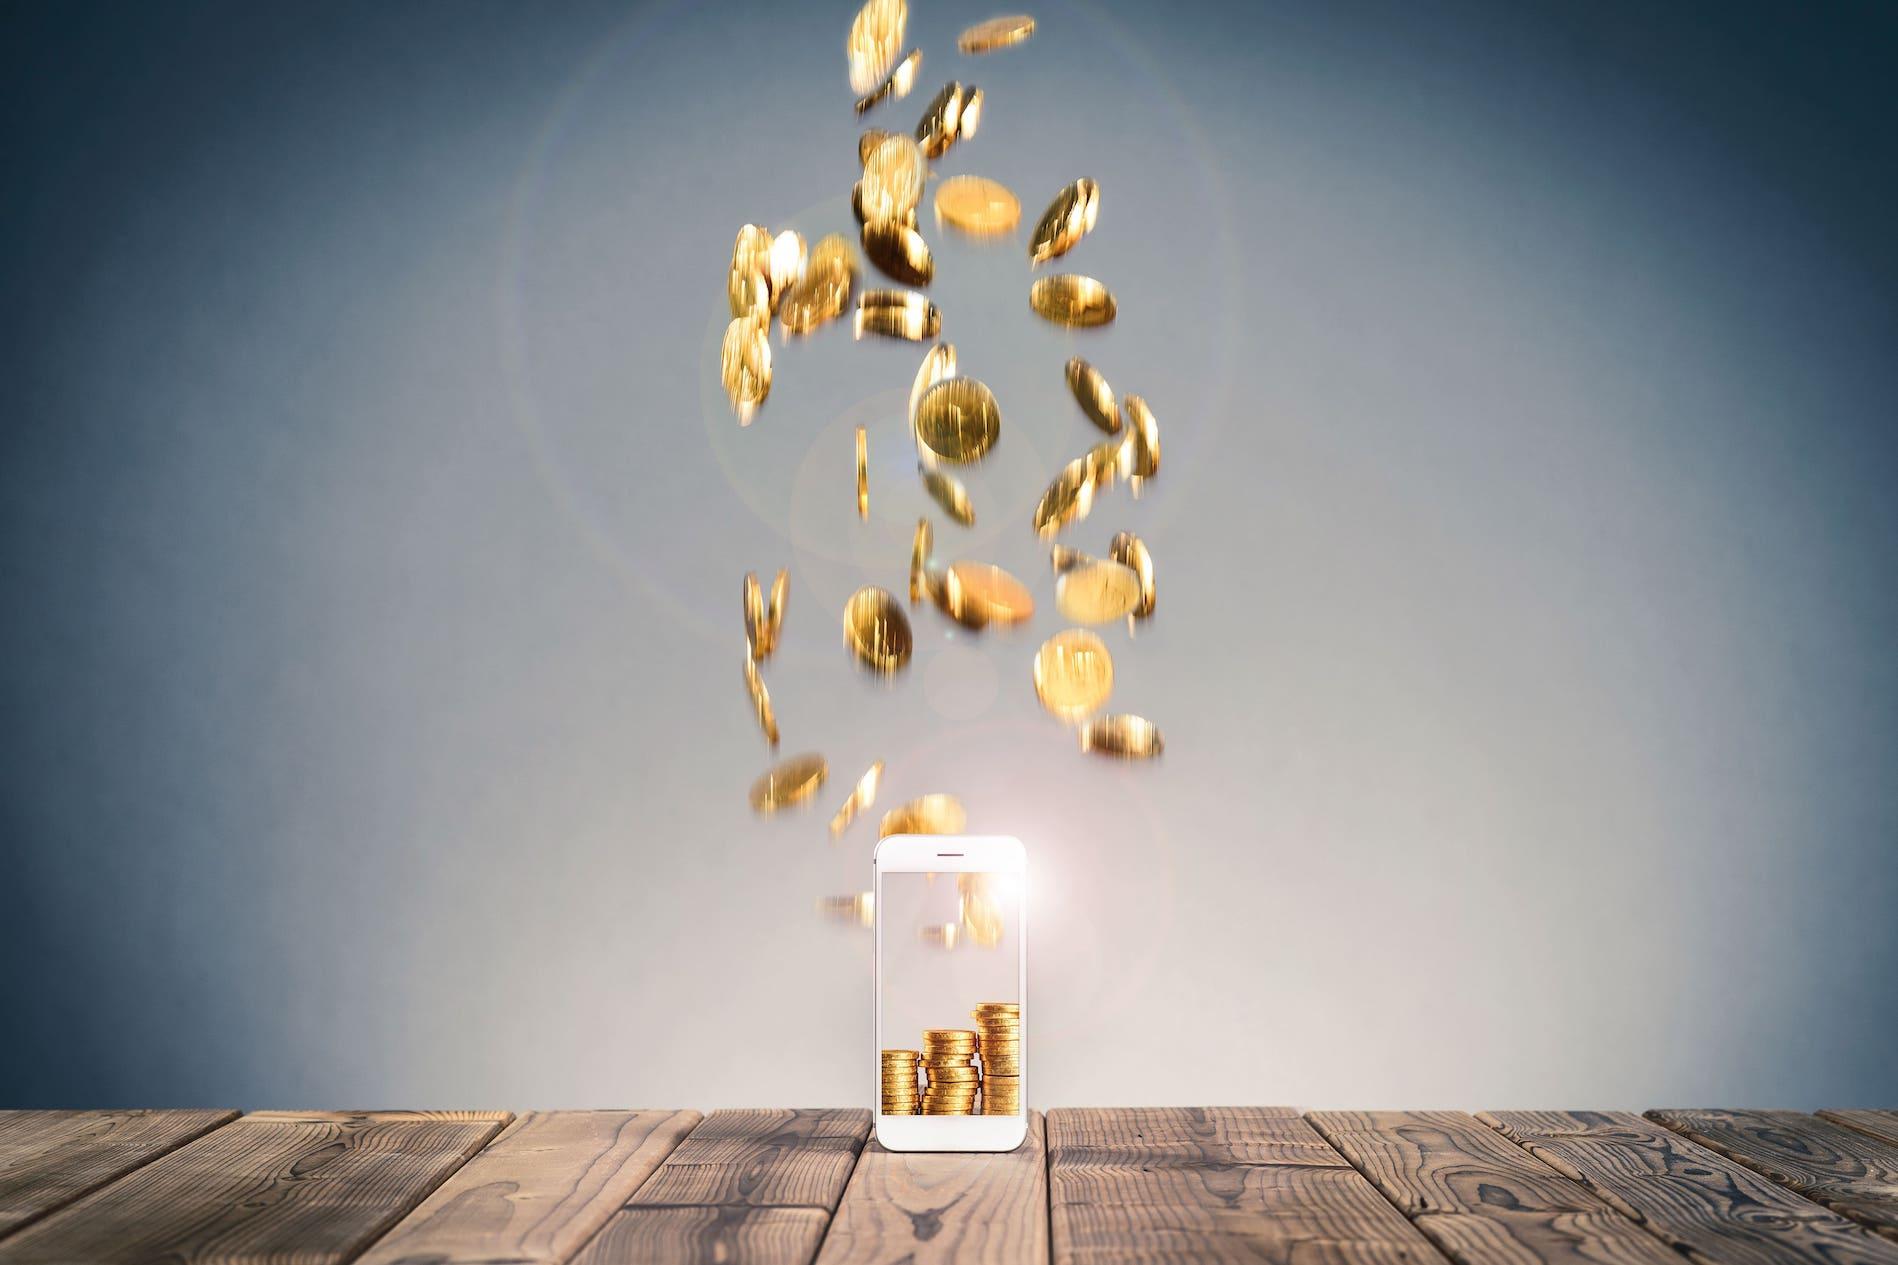 仮想通貨の利回りってどれぐらい?中長期的に見た相場と実態